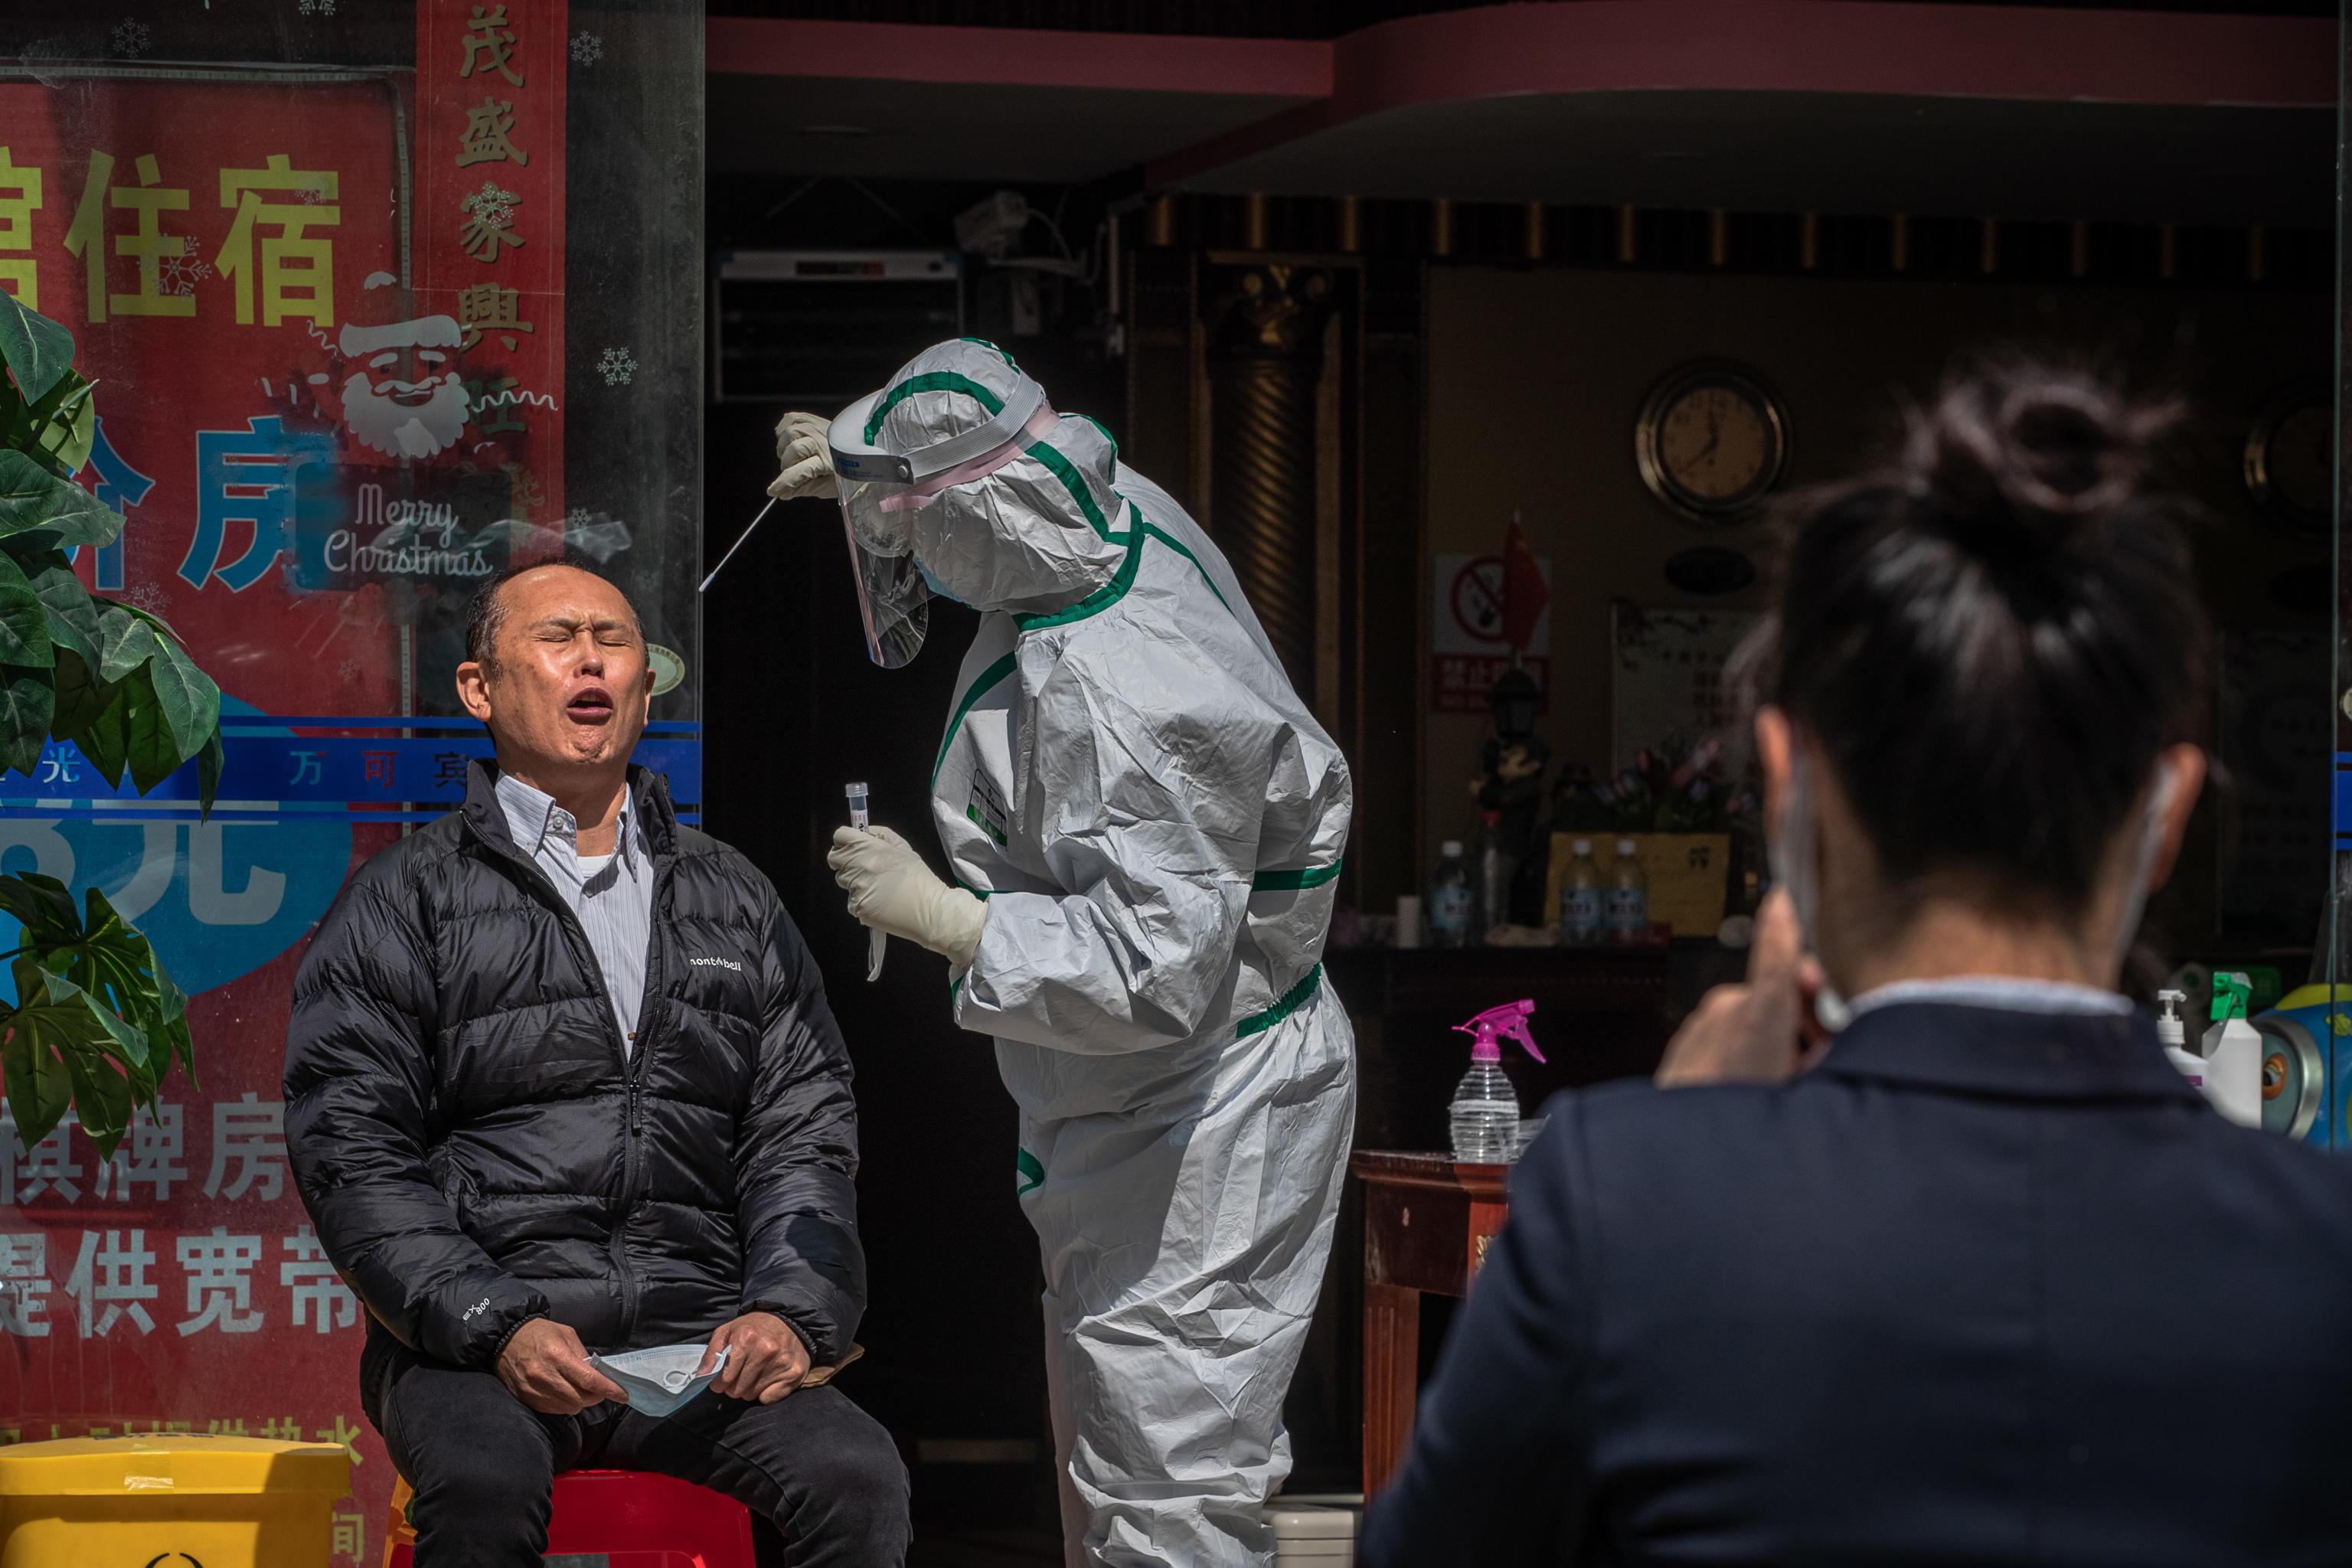 Torna l'incubo Covid a Wuhan, sette nuovi contagi.  Test su 11 milioni di residenti, uscite limitate a uno per famiglia